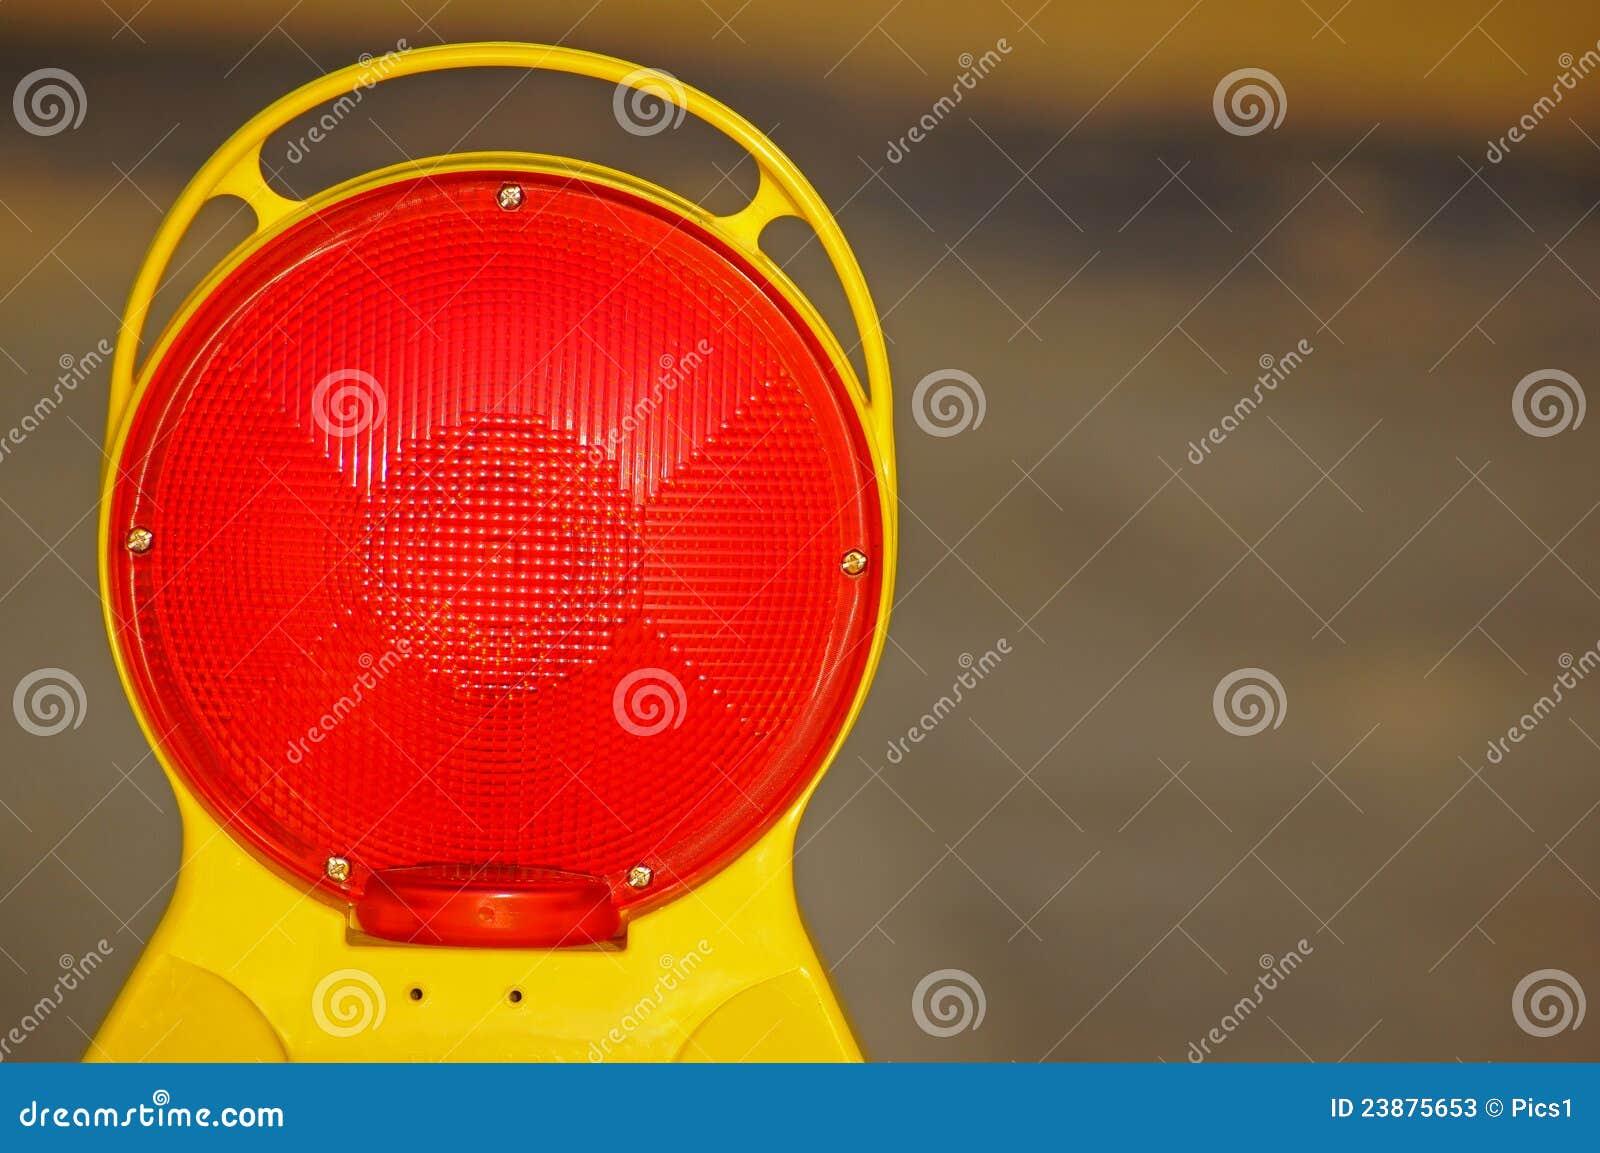 Construction site lamp